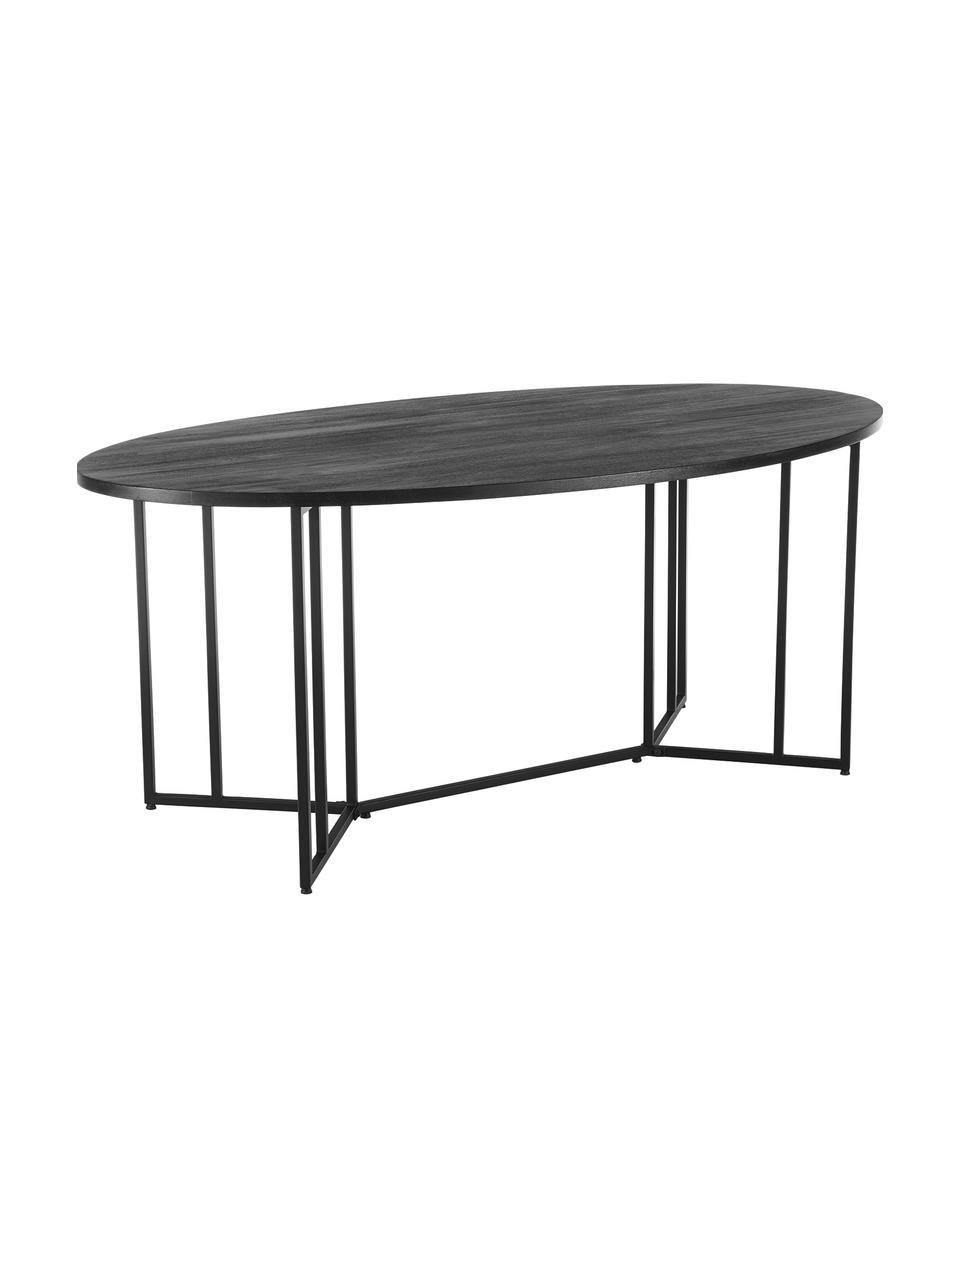 Tavolo ovale con piano in legno massiccio Luca, Struttura: metallo verniciato a polv, Legno di mango nero verniciato, Larg. 240 x Prof. 100 cm